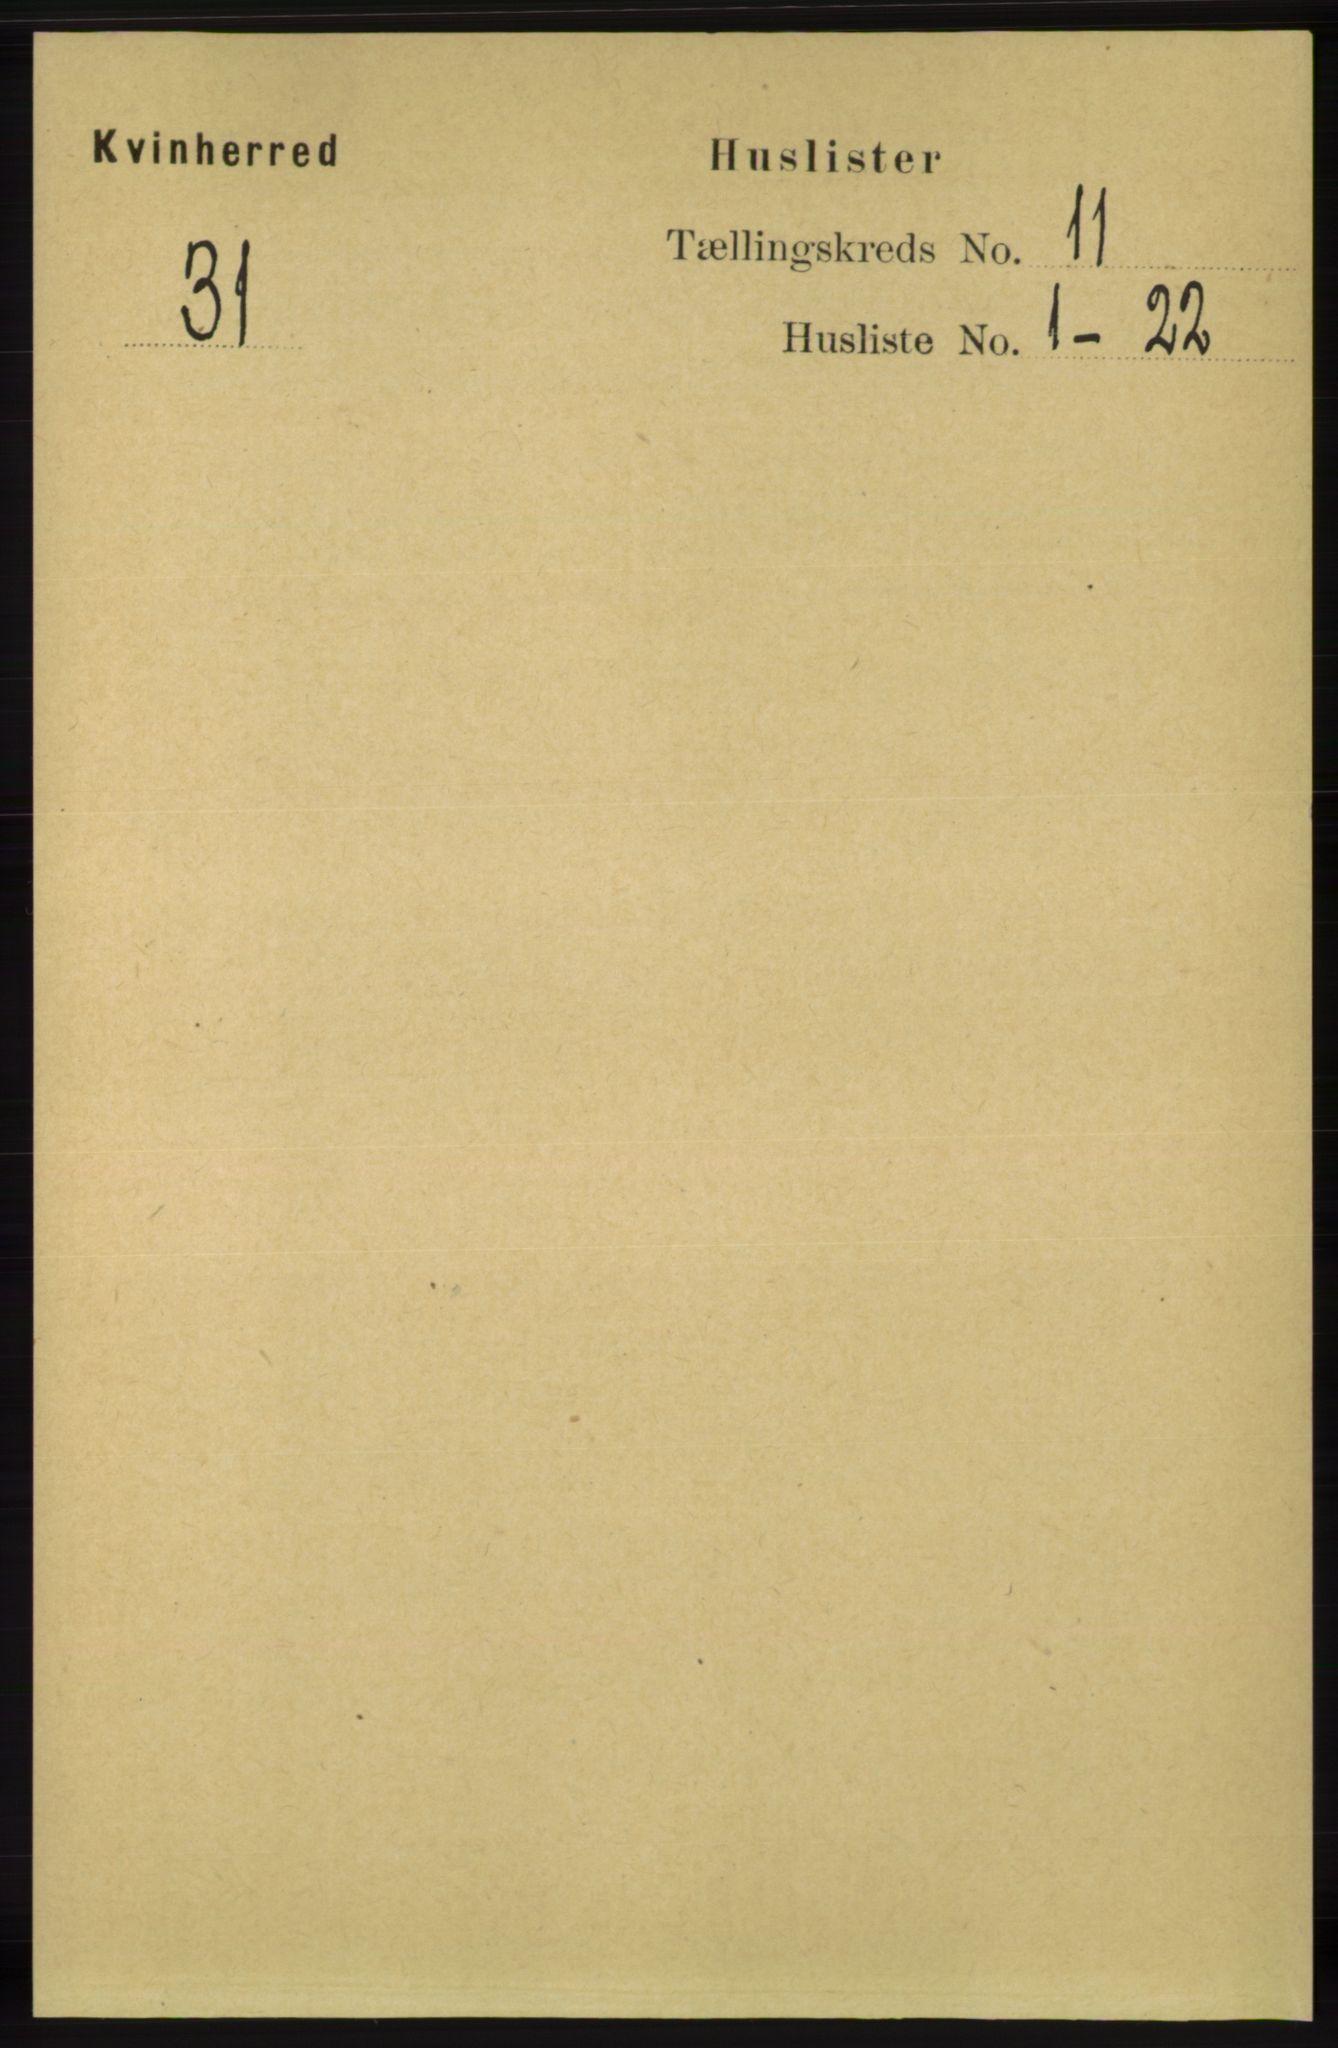 RA, Folketelling 1891 for 1224 Kvinnherad herred, 1891, s. 3785